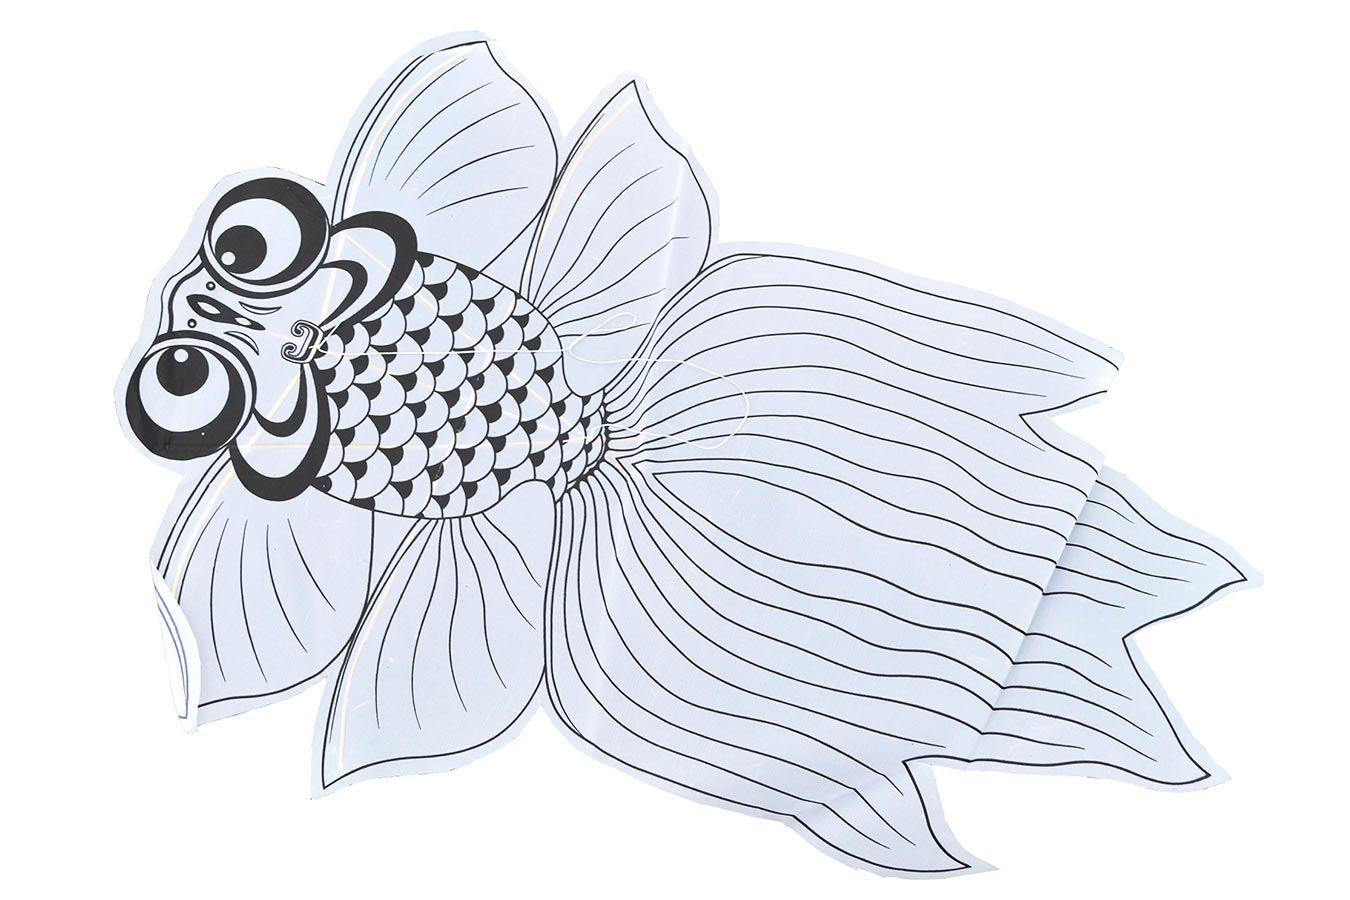 Рыбка, воздушный змей раскраска с красками [ZBQCR]